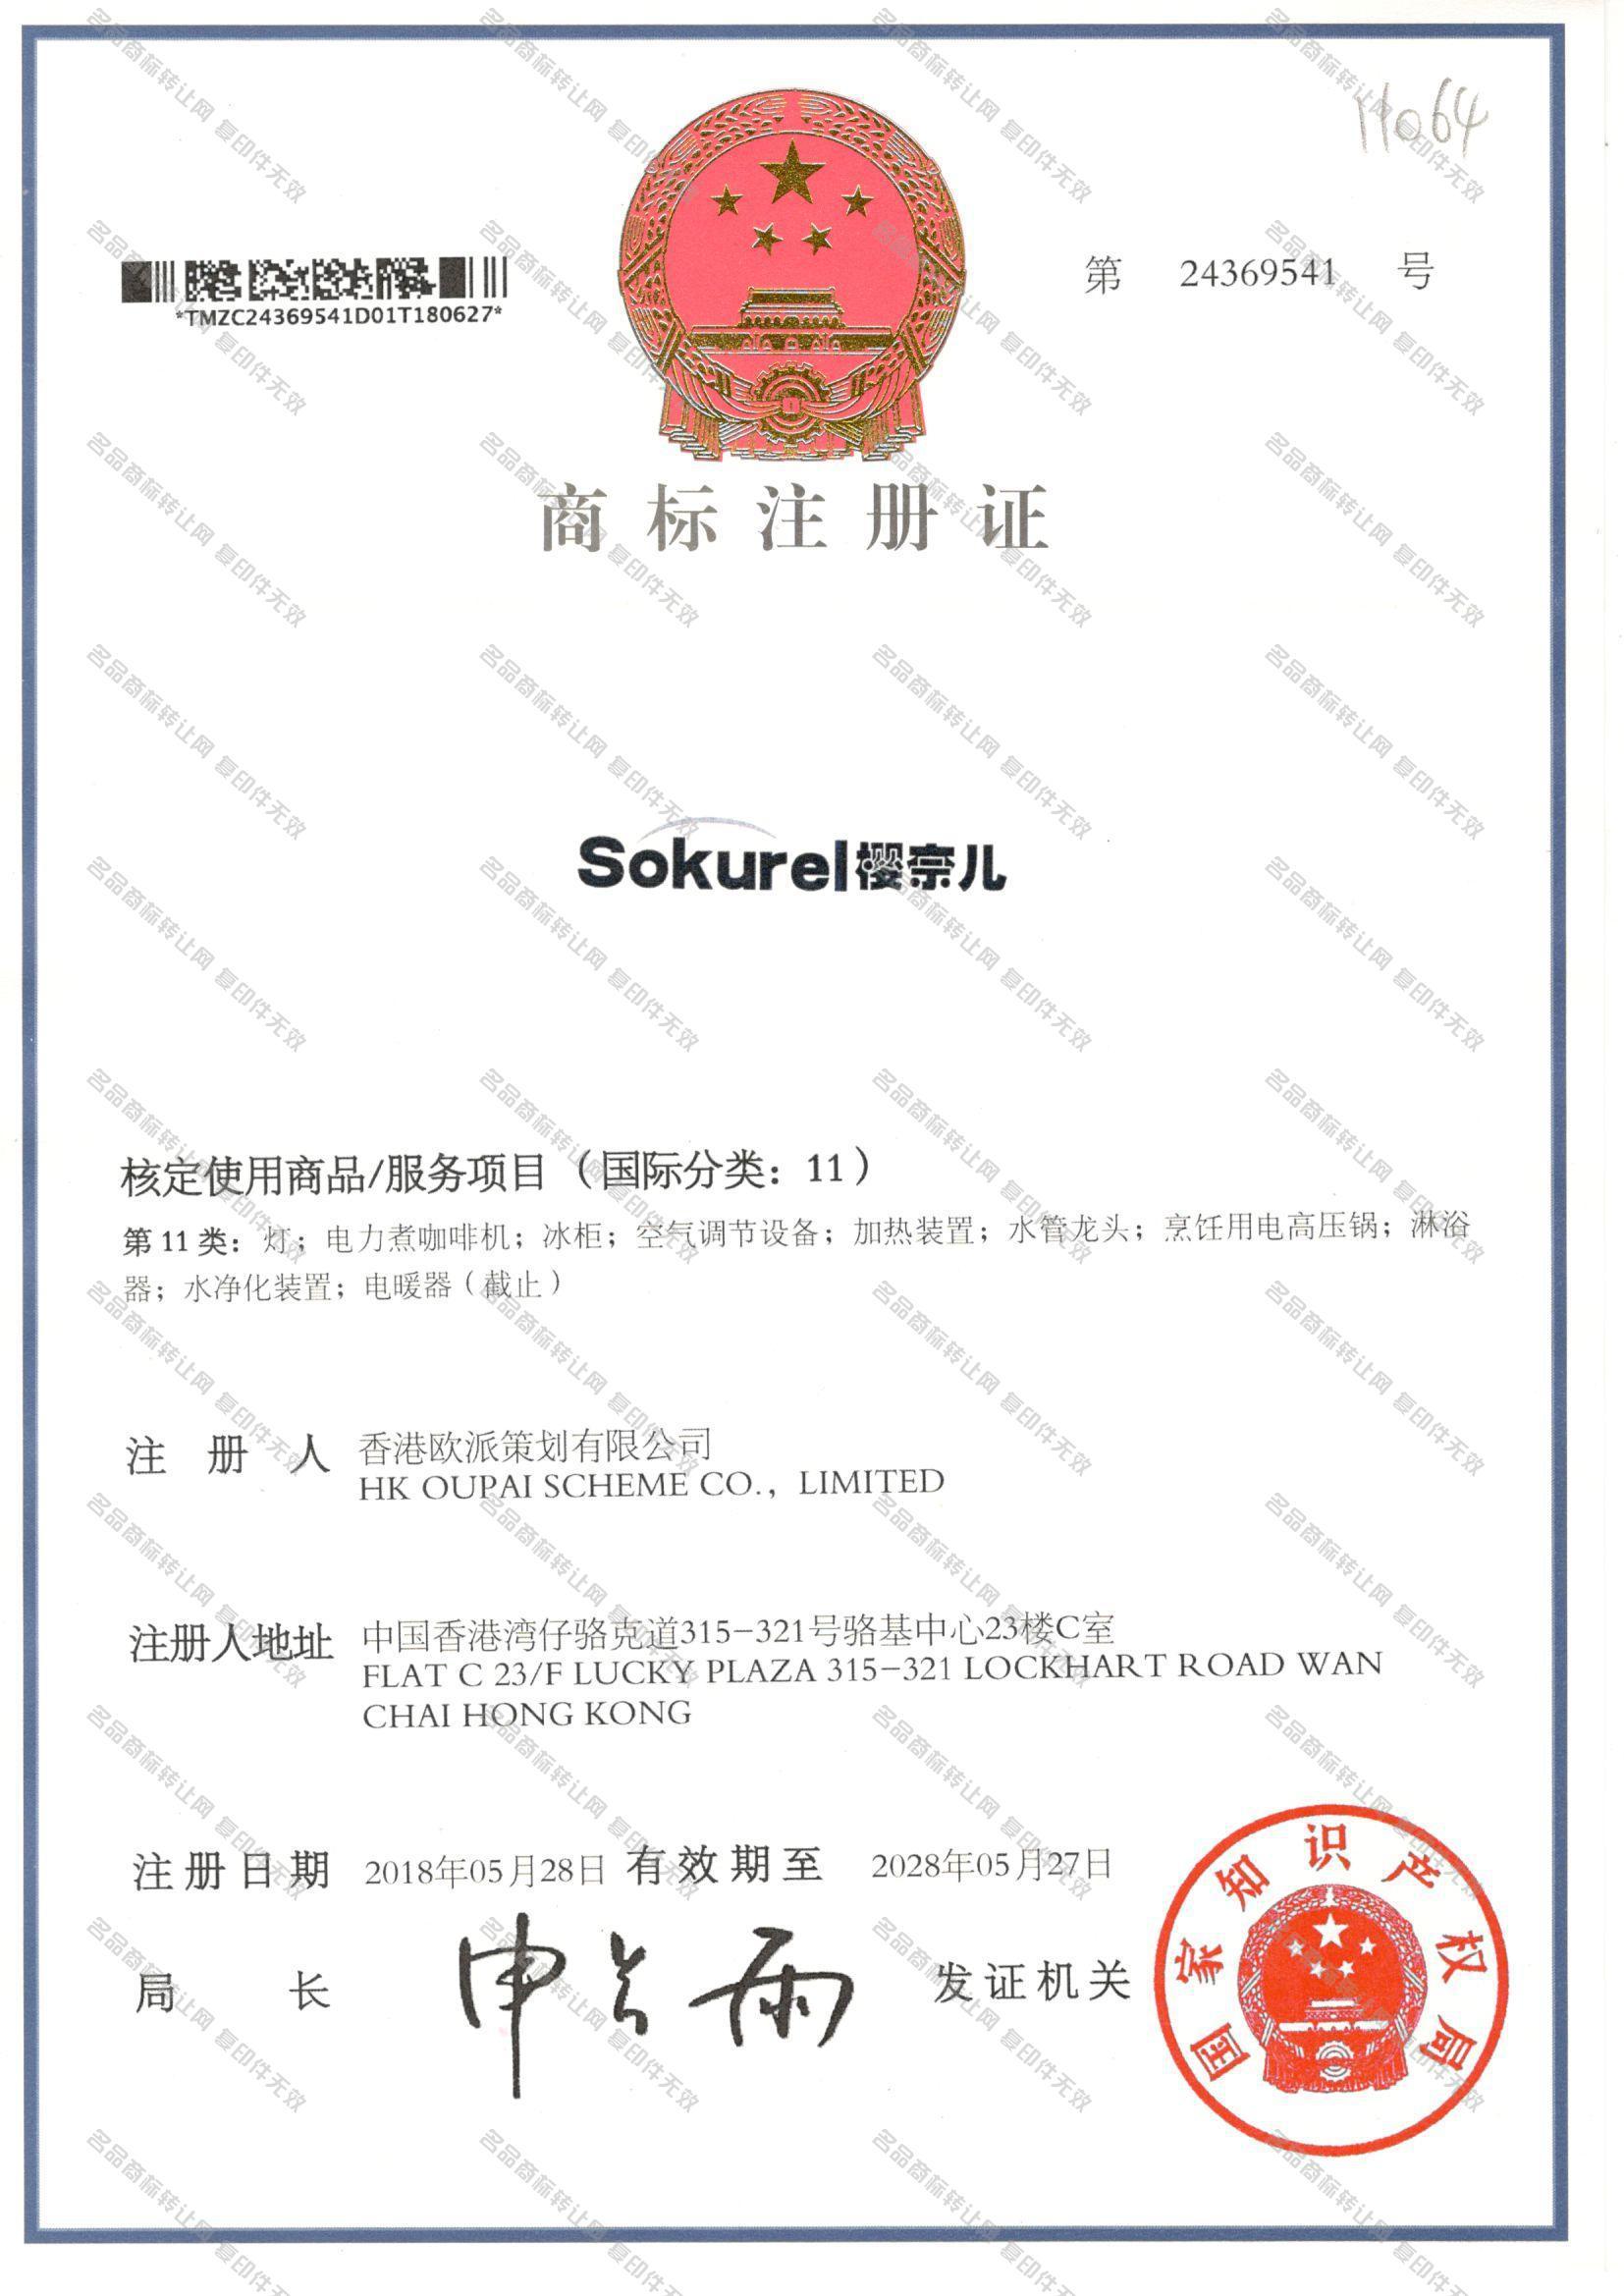 樱奈儿 SOKUREL注册证